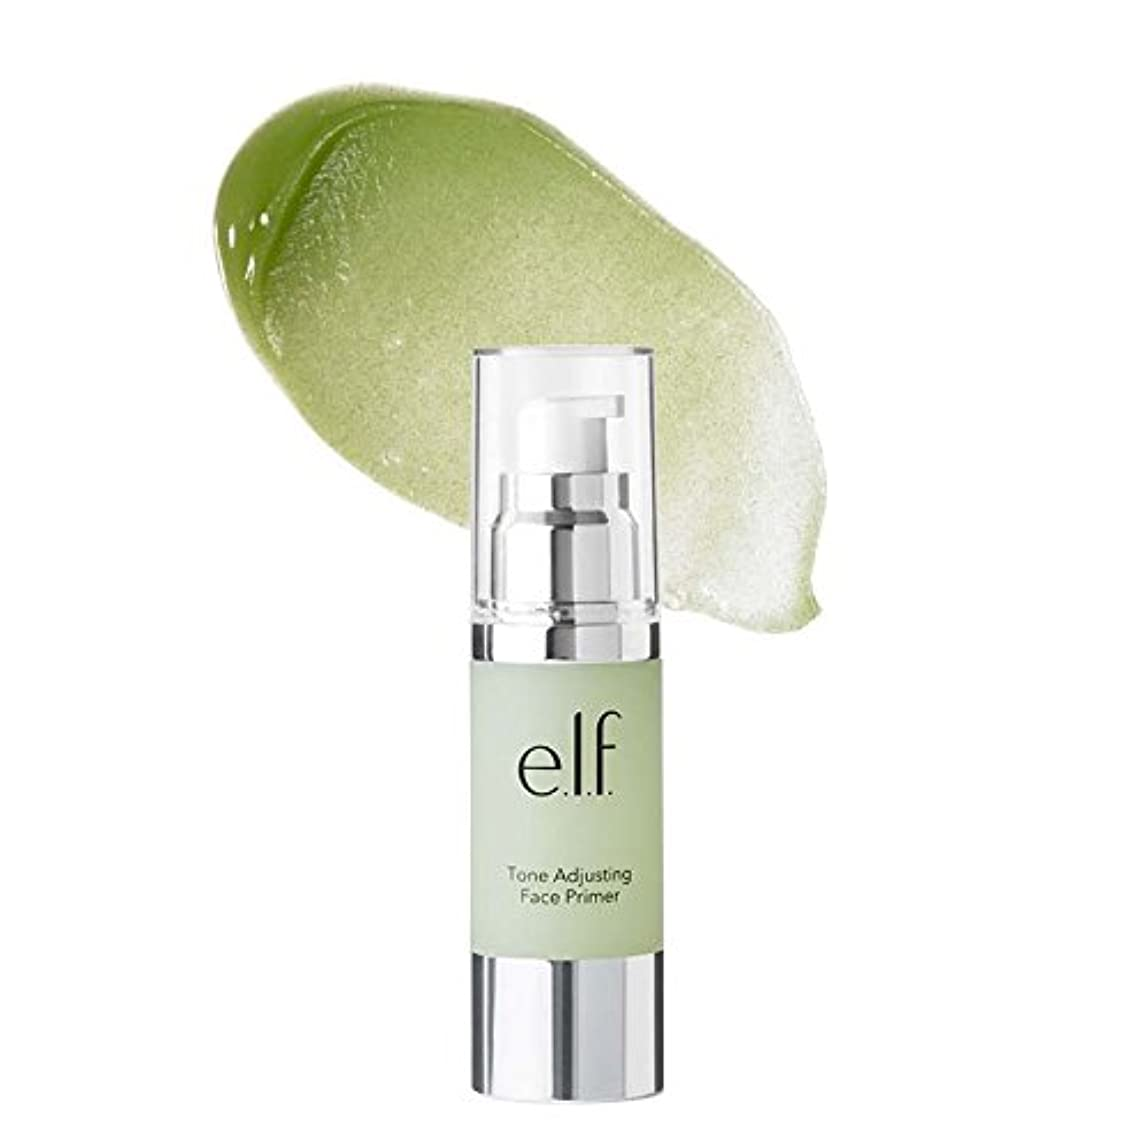 誕生ジョブアスレチックe.l.f. Tone Adjusting Face Primer Large - Neutralizing Green (並行輸入品)